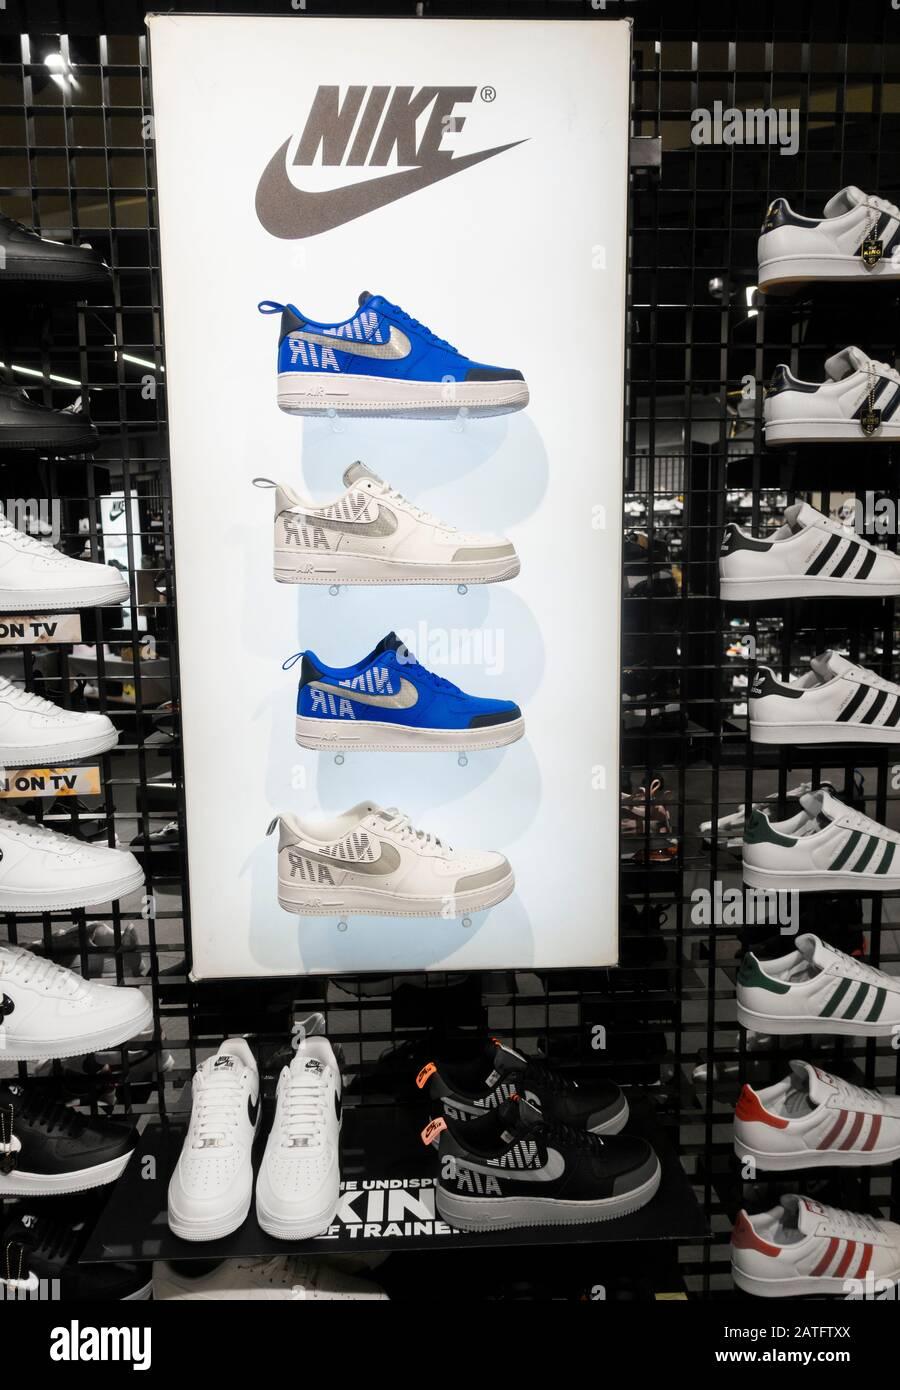 comprender herida estudiante universitario  Tienda JD Sports. REINO UNIDO. Muestra zapatillas/zapatillas de  entrenamiento Nike y Adidas Fotografía de stock - Alamy